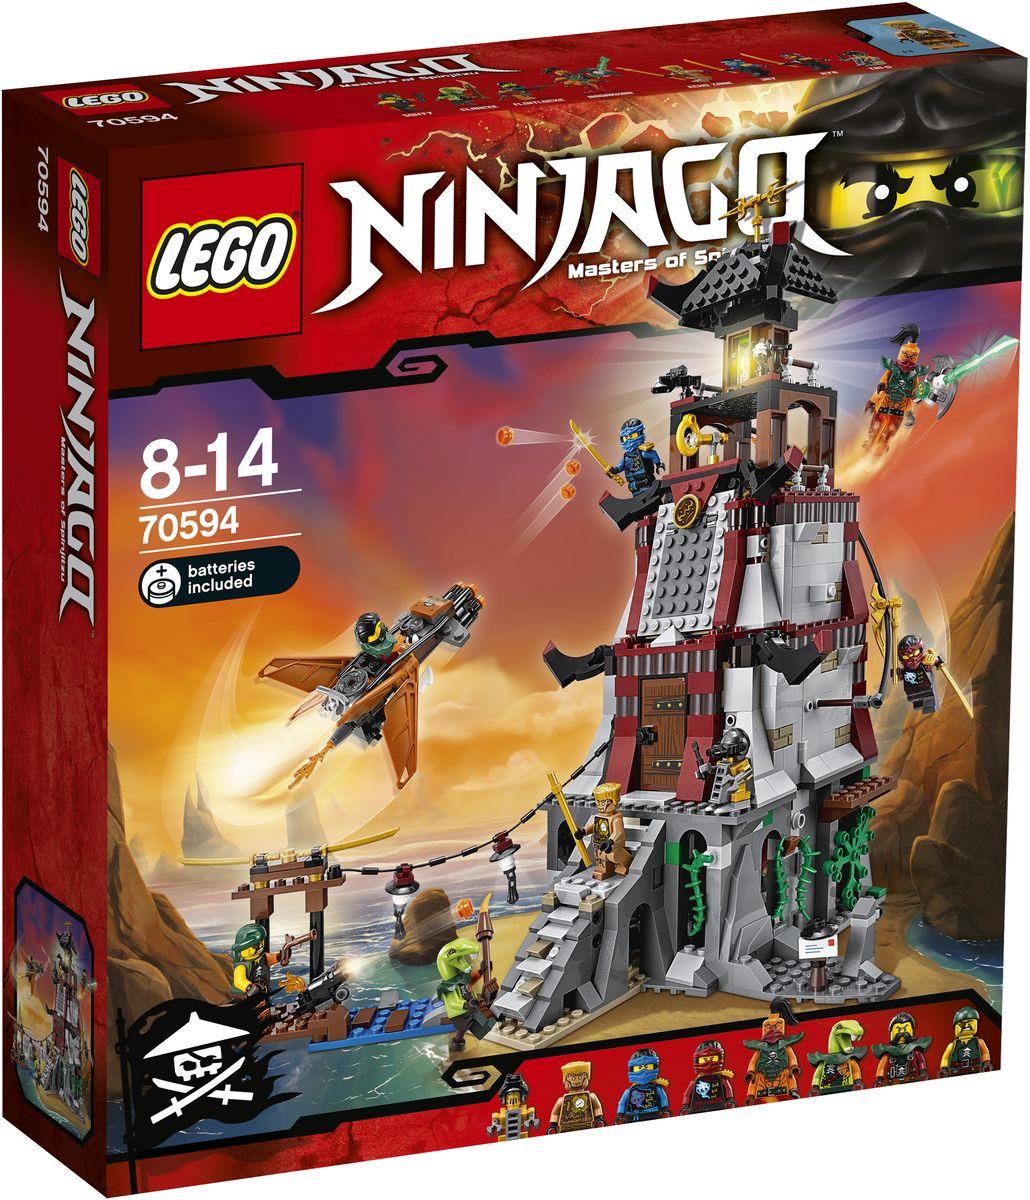 LEGO NINJAGO Конструктор Осада маяка 7059470594Джей и Ния укрываются на маяке и устанавливают множество ловушек, готовясь к нападению небесных пиратов. Уклоняйтесь от беглого огня, который открыли пираты со своего самолета. Активируйте функцию ловушки на лестнице у входной двери, чтобы отправить захватчиков кувырком прямо в тюремную камеру в подвале. Покажите навыки паркура ниндзя для перемещения вверх и вниз по стенам или скольжения вниз по трубе, вызывая врага на бой. Используйте динамит против небесных пиратов, сразитесь с Надаканом за Джинн-клинок и одержите победу! Конструктор LEGO NINJAGO. Осада маяка включает в себя 767 разноцветных пластиковых элементов. Конструктор - это один из самых увлекательных и веселых способов времяпрепровождения. Ребенок сможет часами играть с конструктором, придумывая различные ситуации и истории. Рекомендуется докупить 2 батарейки напряжением 1,5V типа LR41 (товар комплектуется демонстрационными).